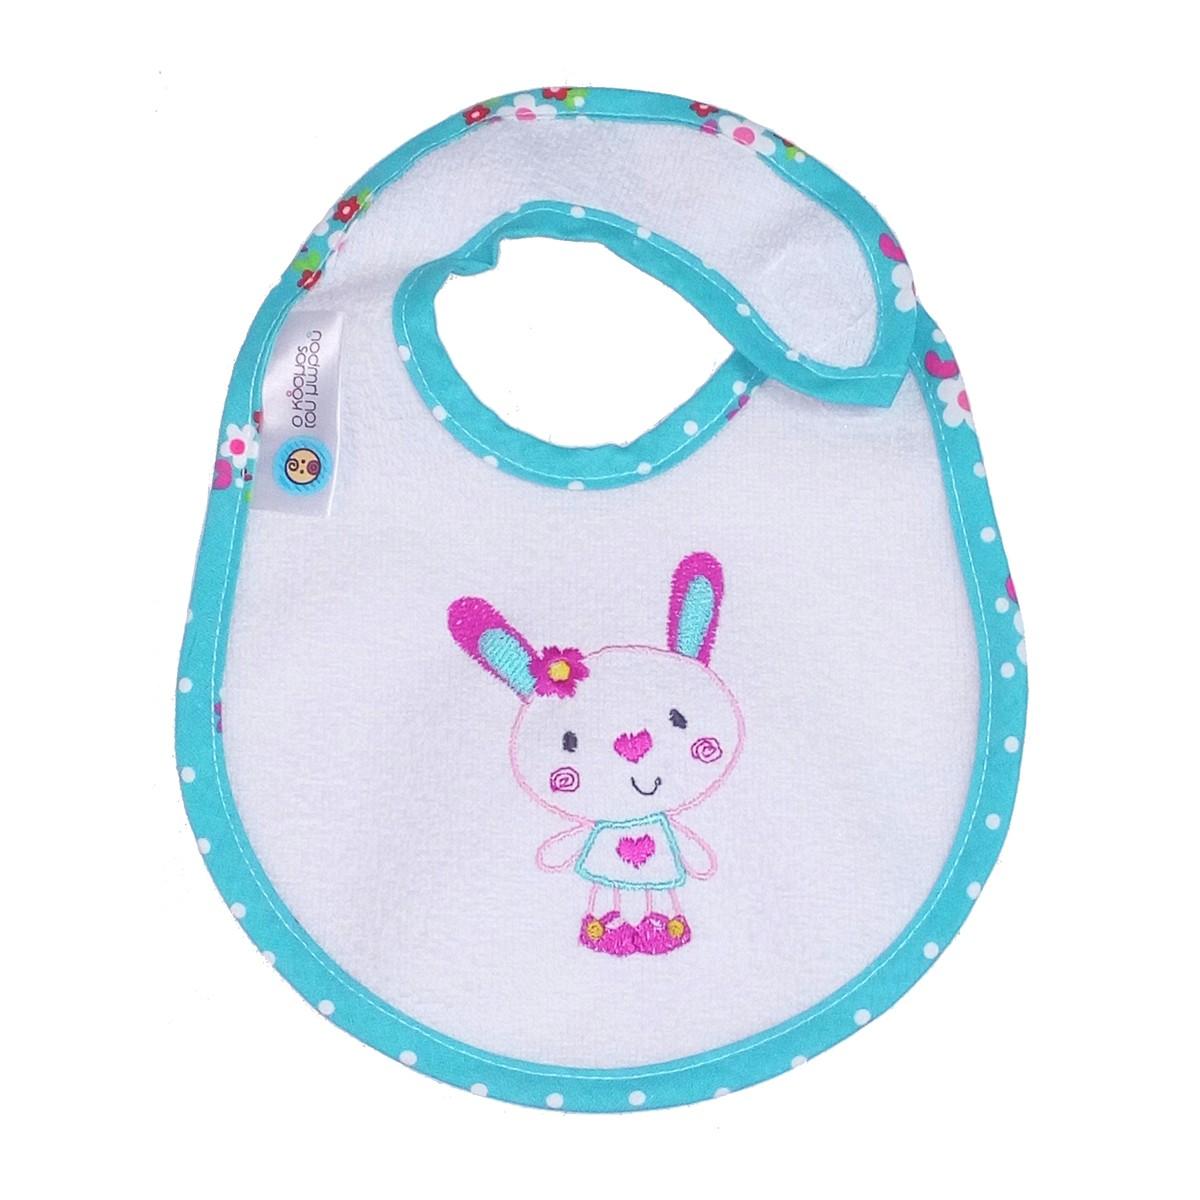 Σαλιάρα Μικρή Κόσμος Του Μωρού Rabbit 0608